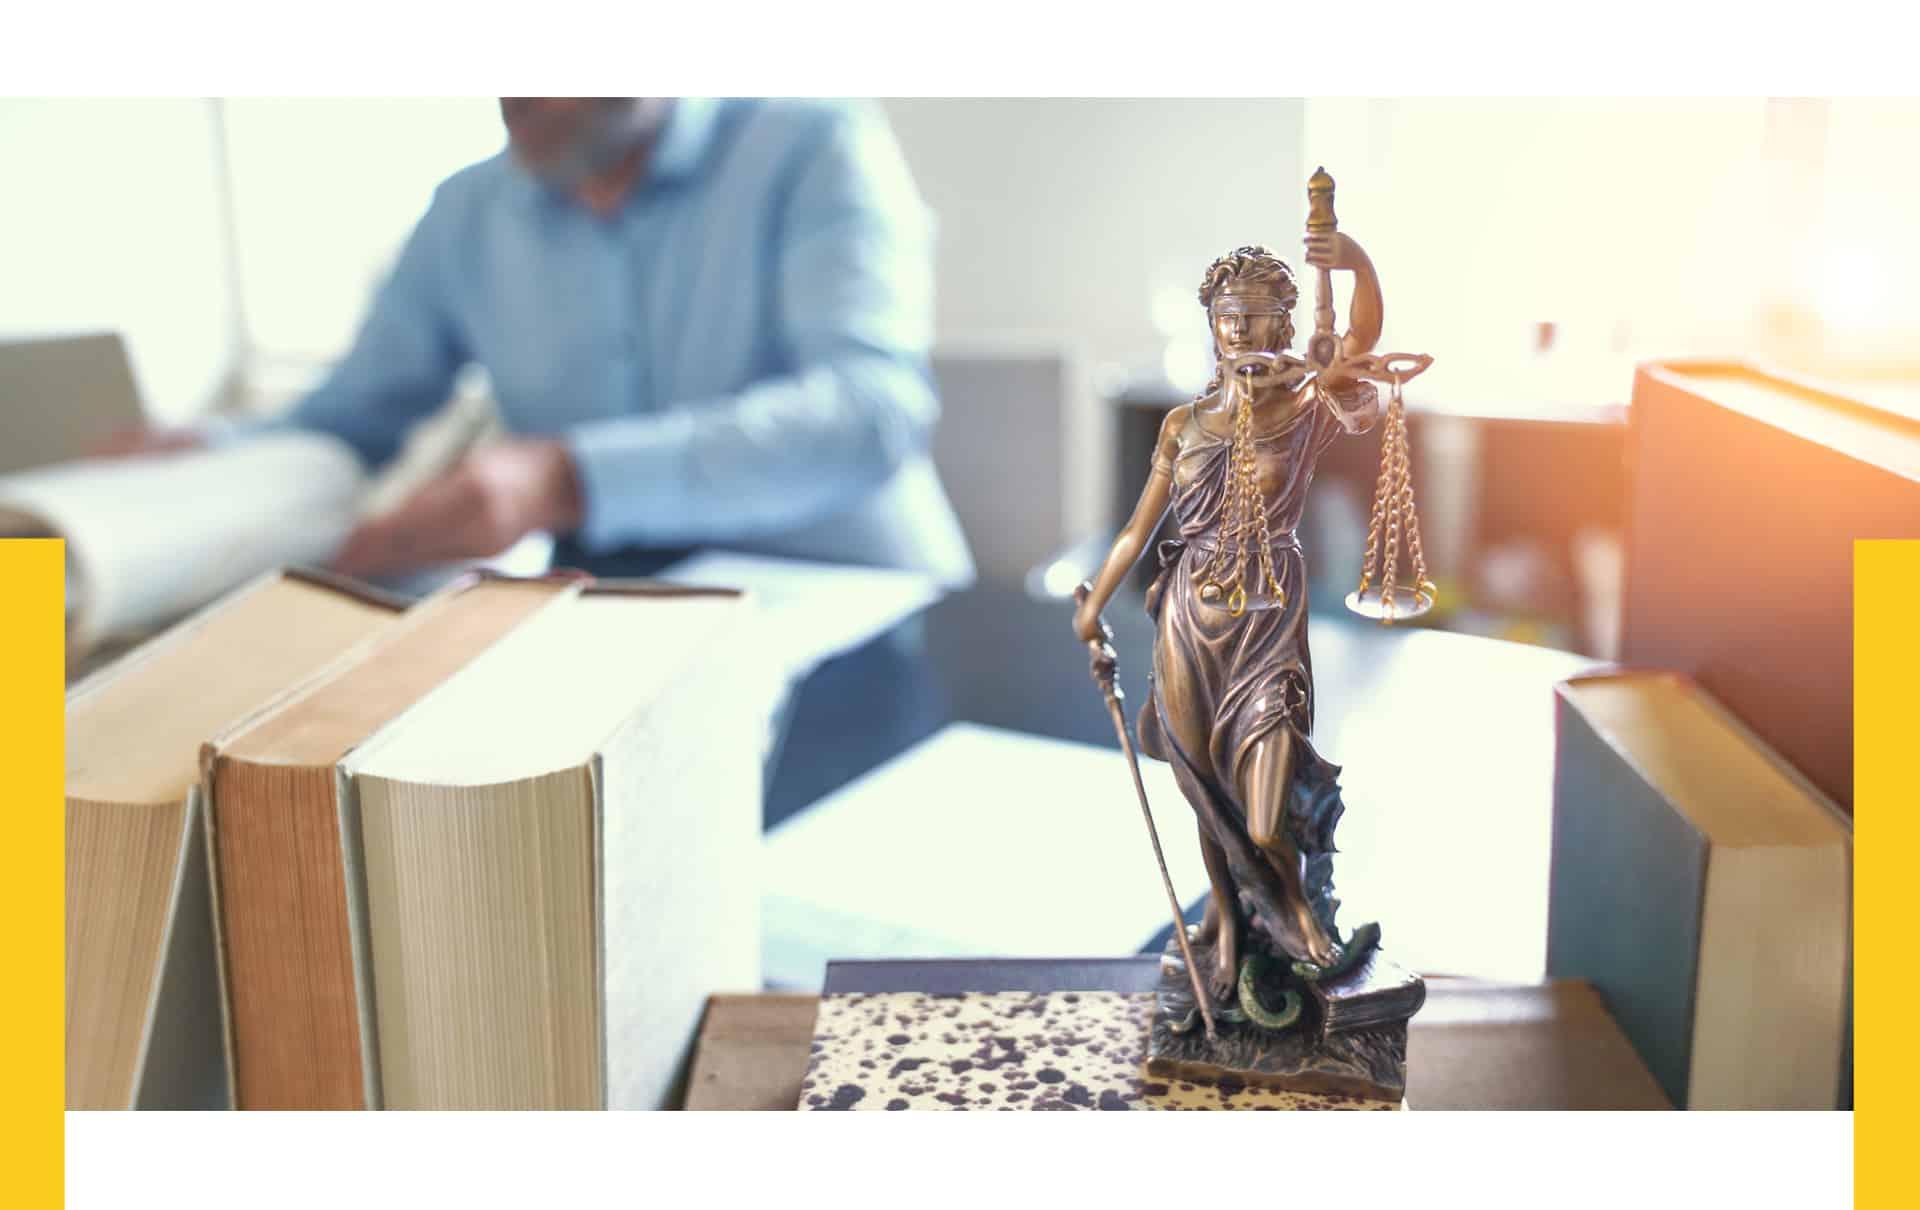 Zivilrecht: Muss ein Immobilienmakler vor risikoreichen Grundstücksgeschäften warnen?